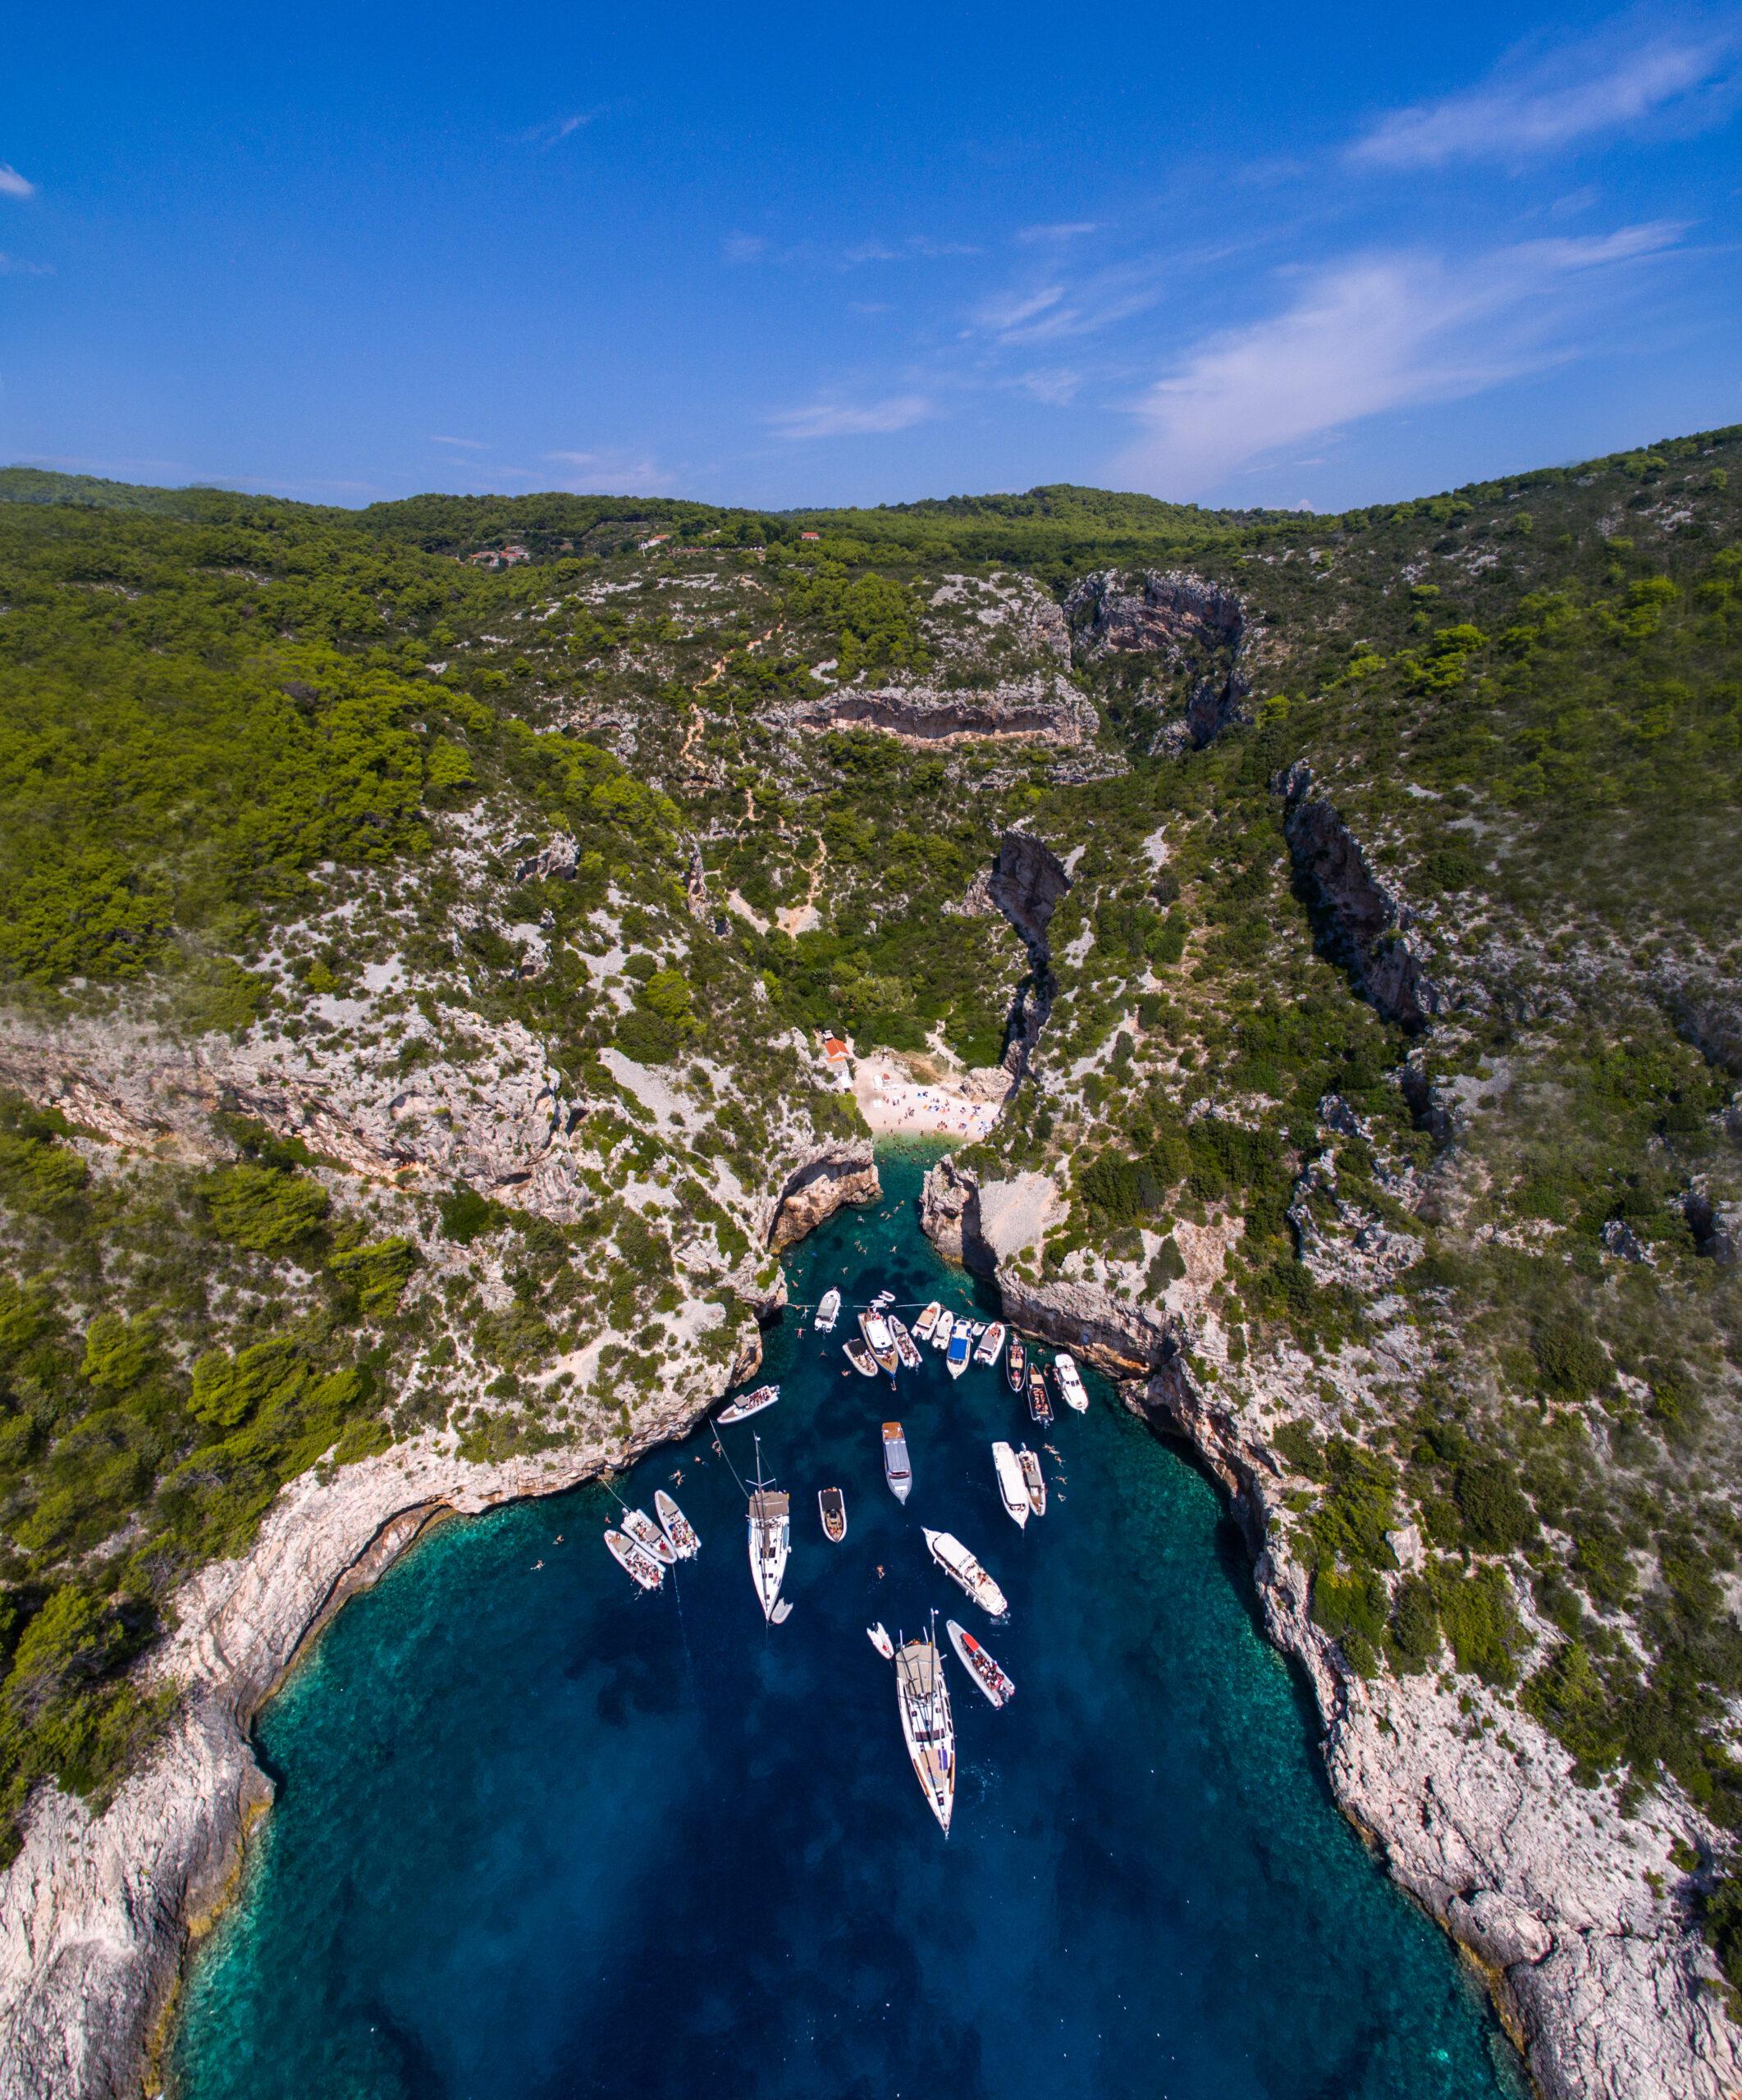 Toto-Travel-Private-Boat-Trip-Blue-Cave-Hvar-5-Islands-Private-Boat-Trip-9-1